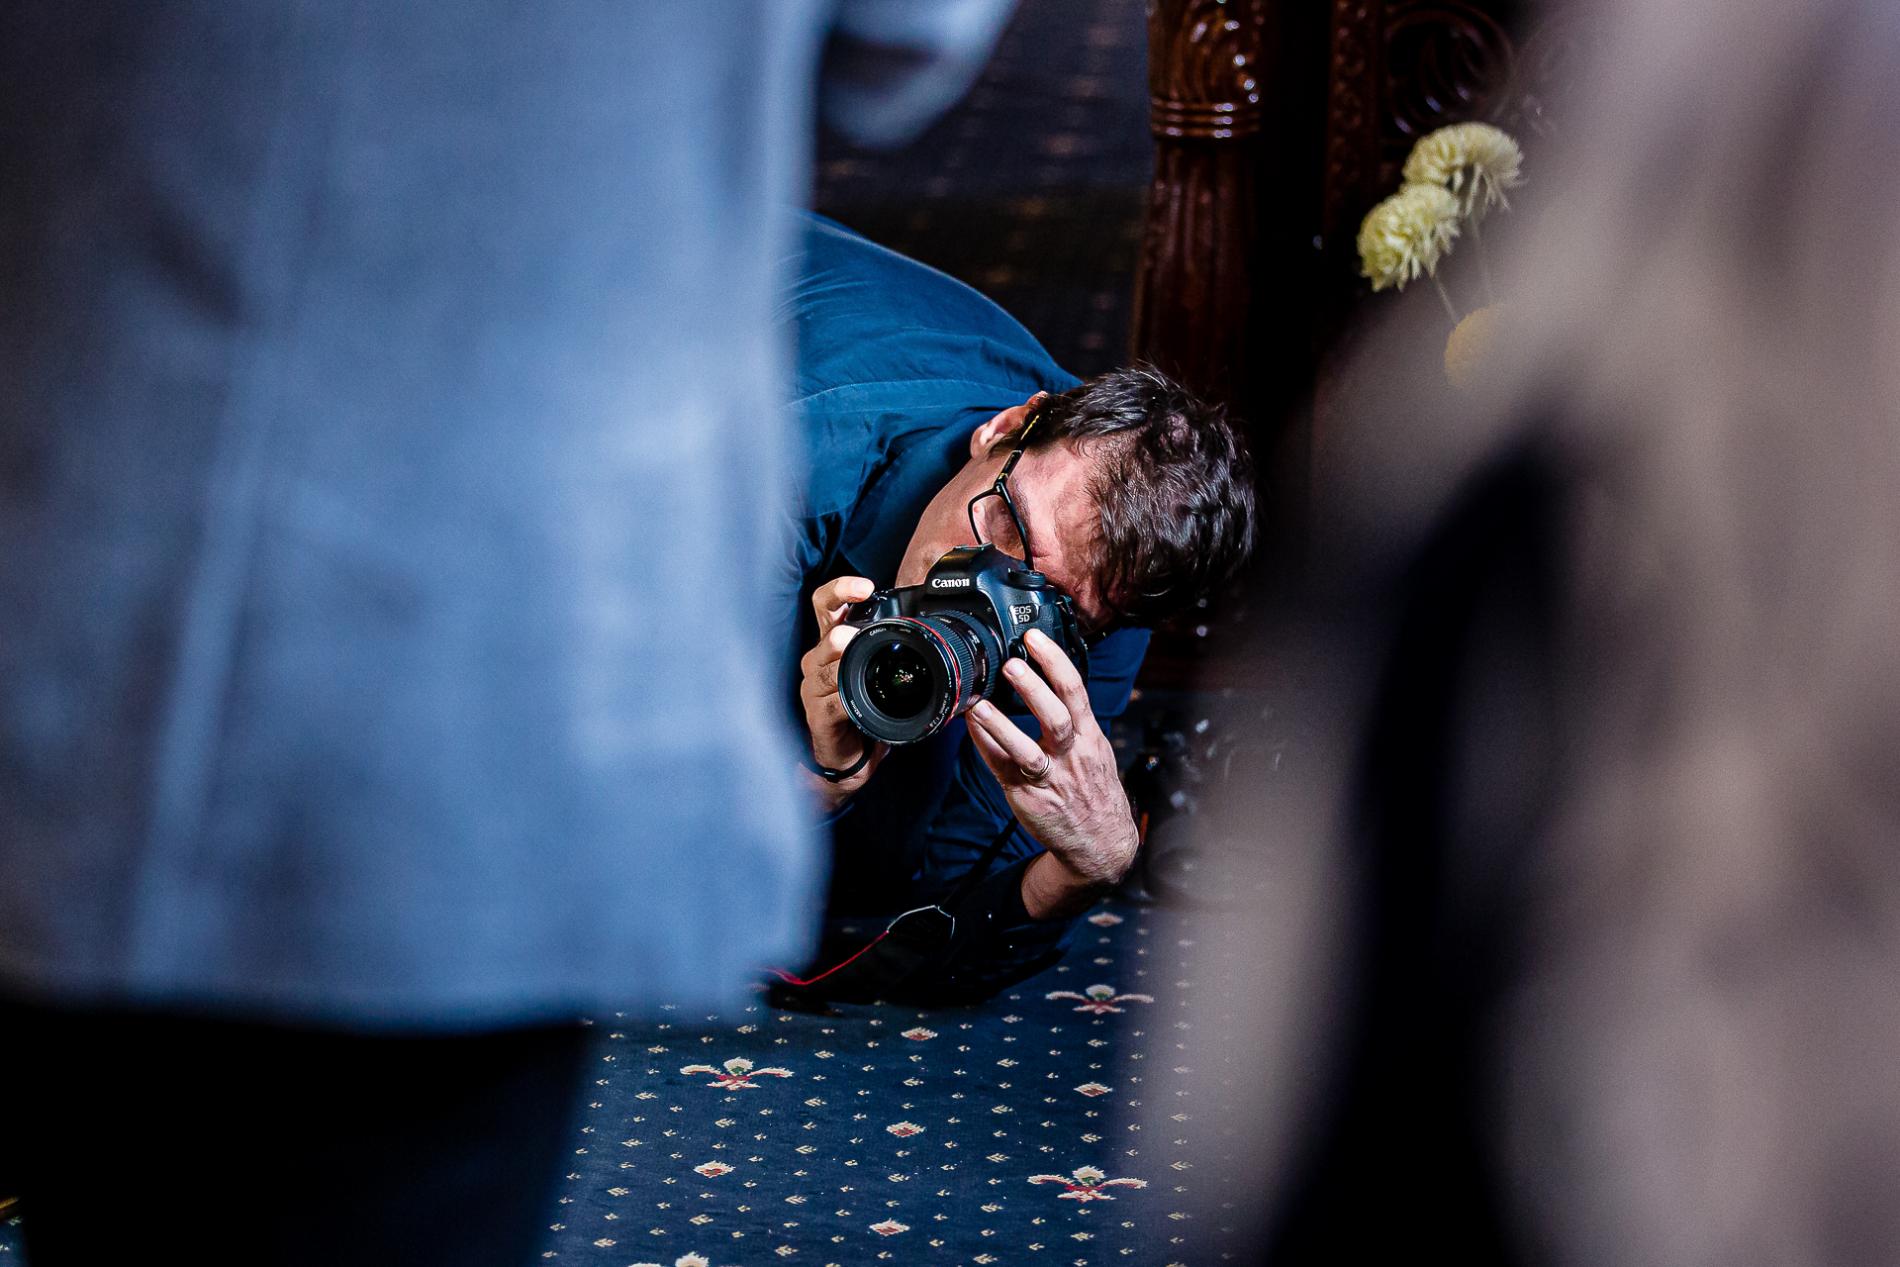 Imágenes de Mihai Zaharia tomando fotografías en una boda en Rumania Bucarest